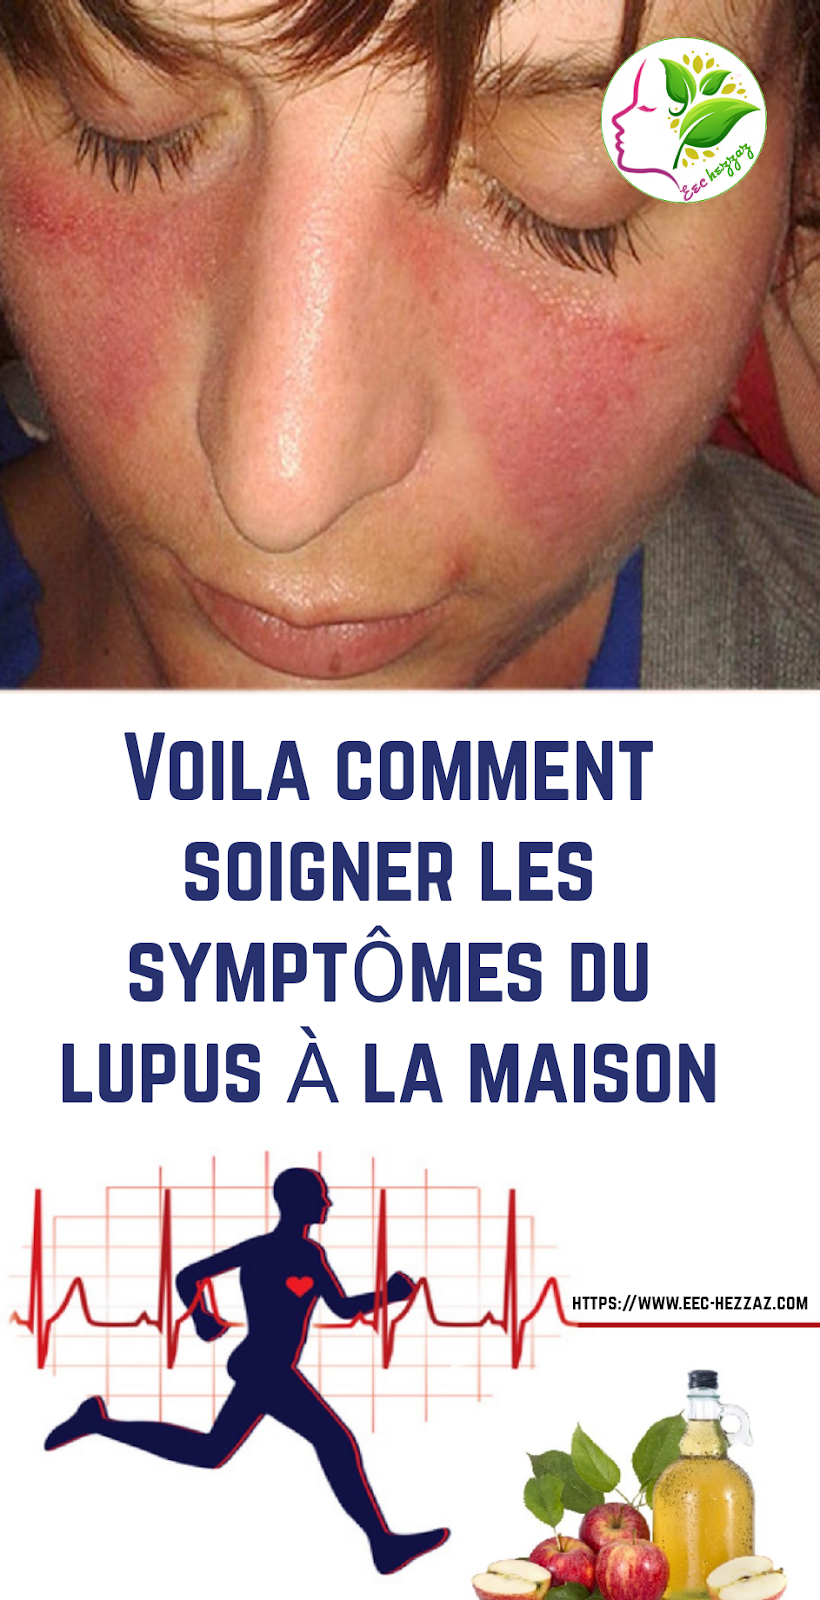 Voila comment soigner les symptômes du lupus à la maison